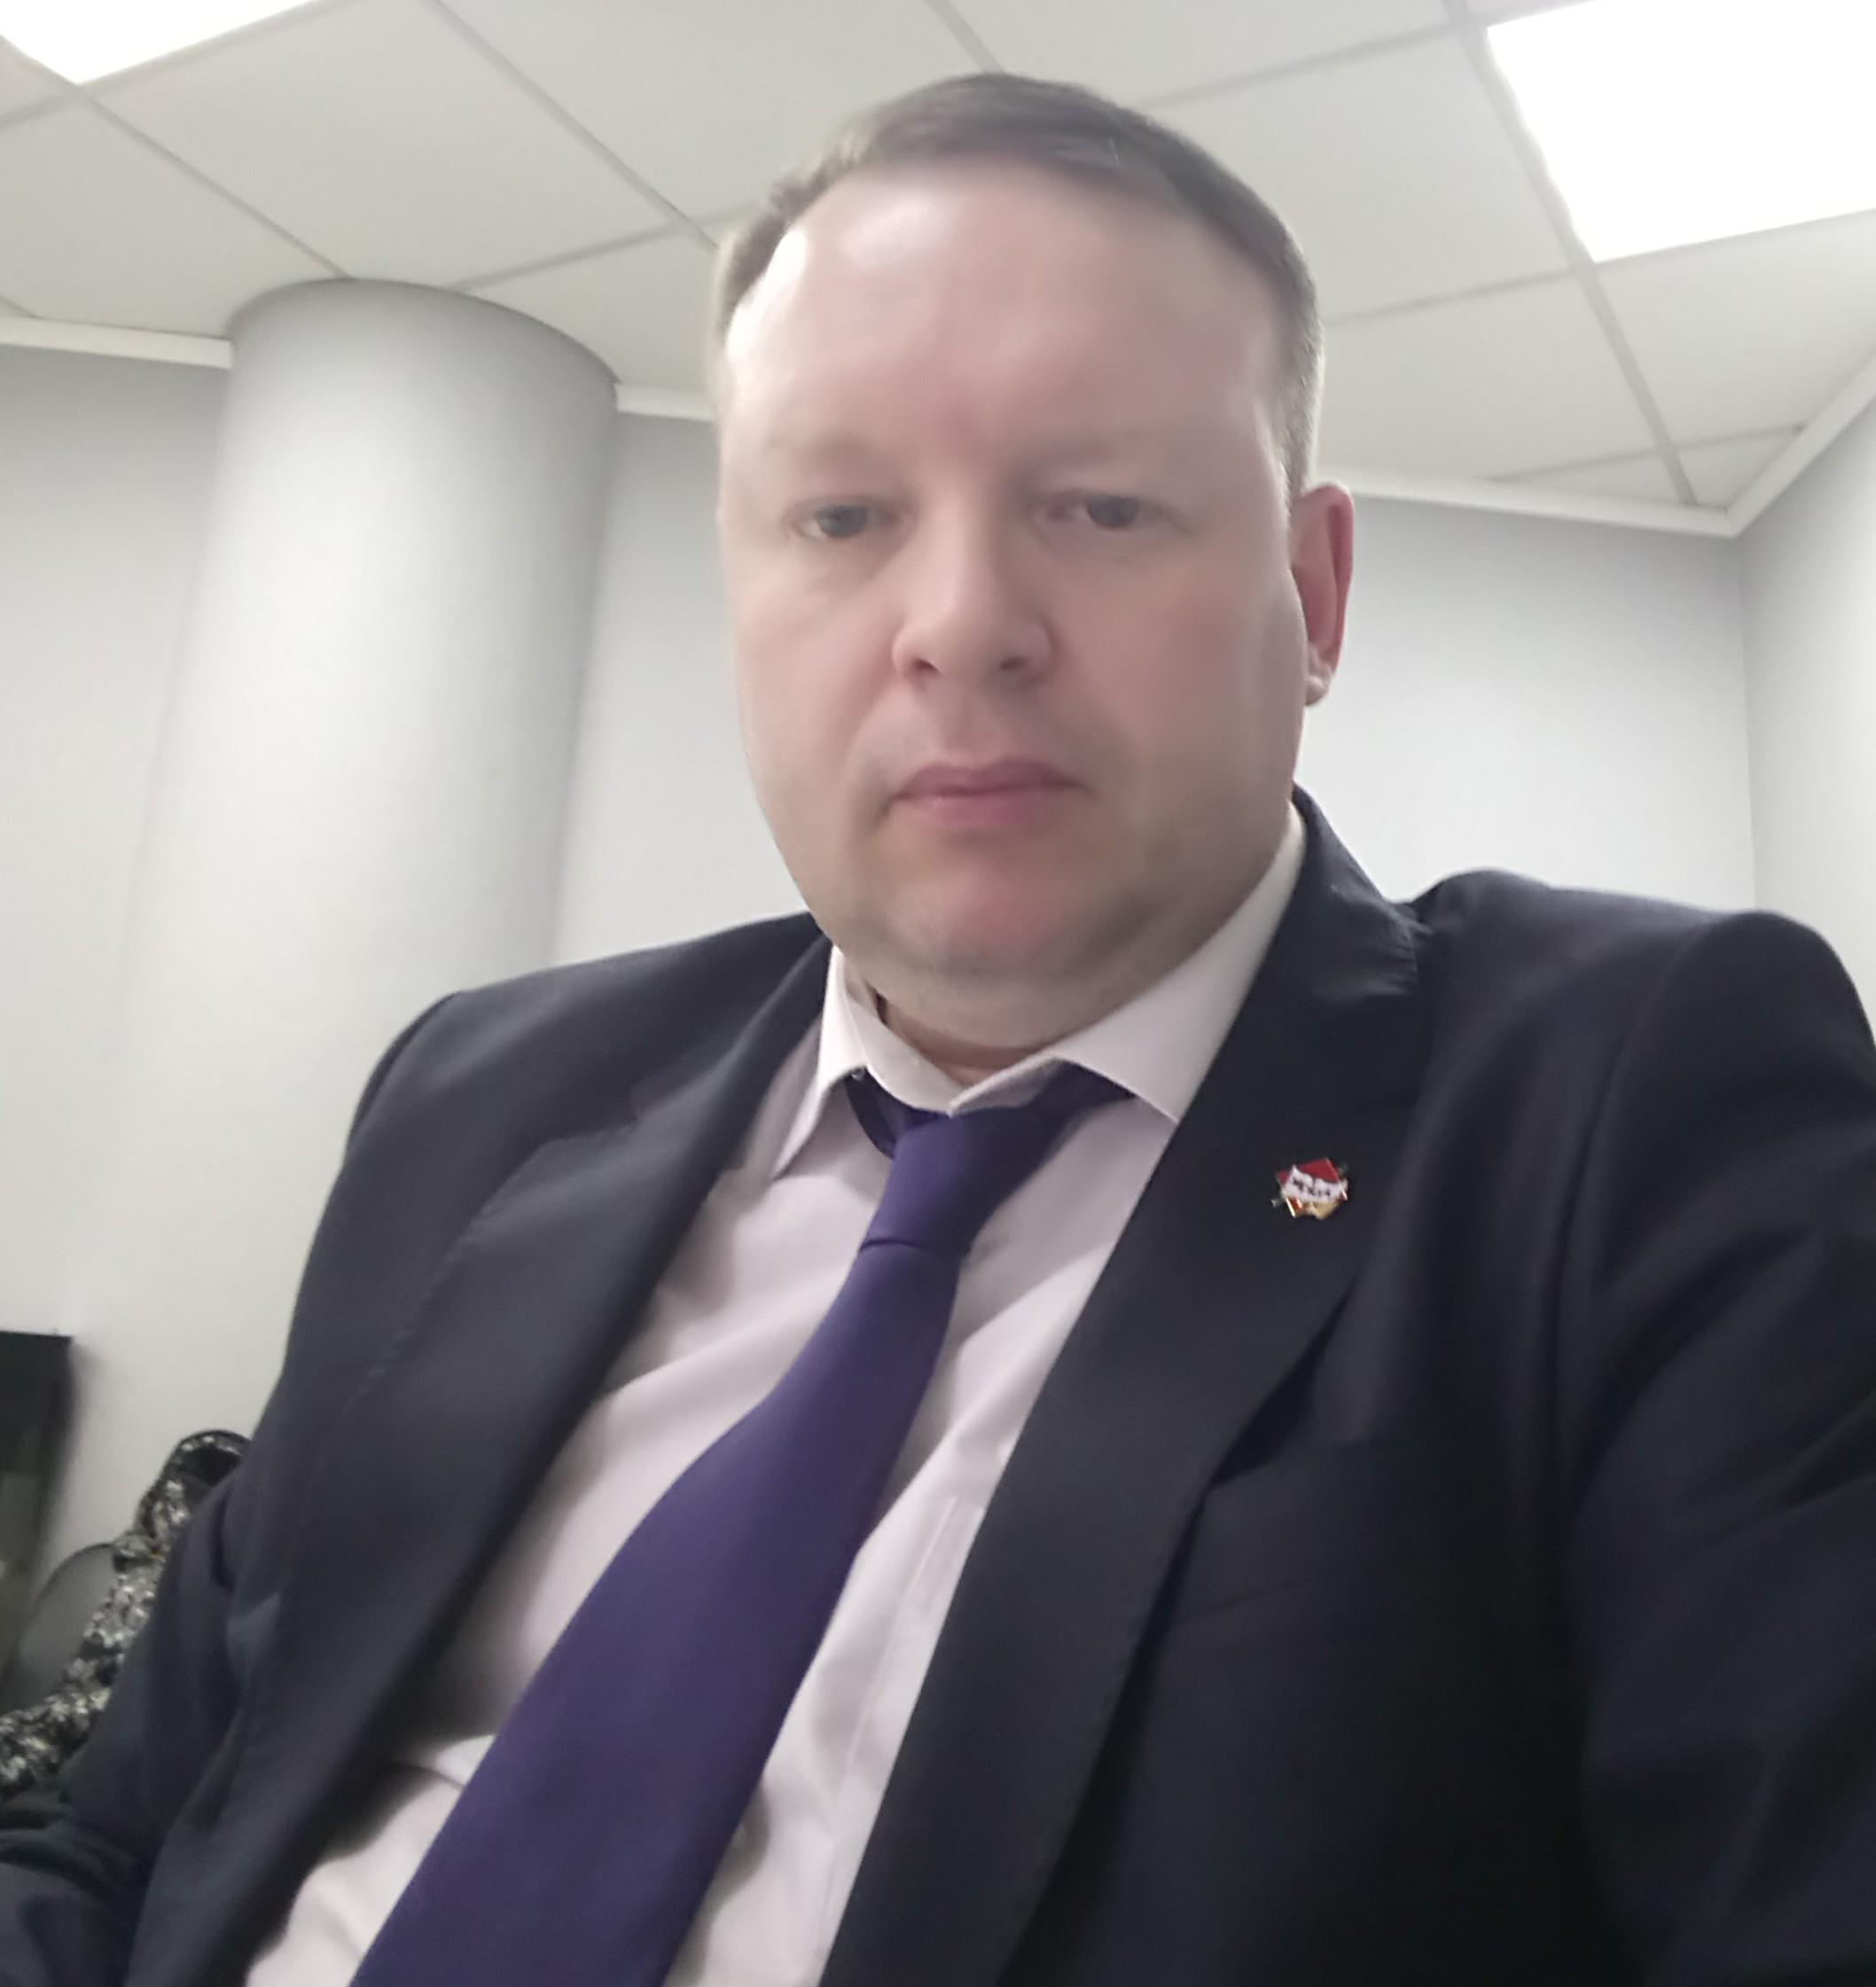 Адвокат Казаков Максим Валентинович. Большой опыт судебной практики.